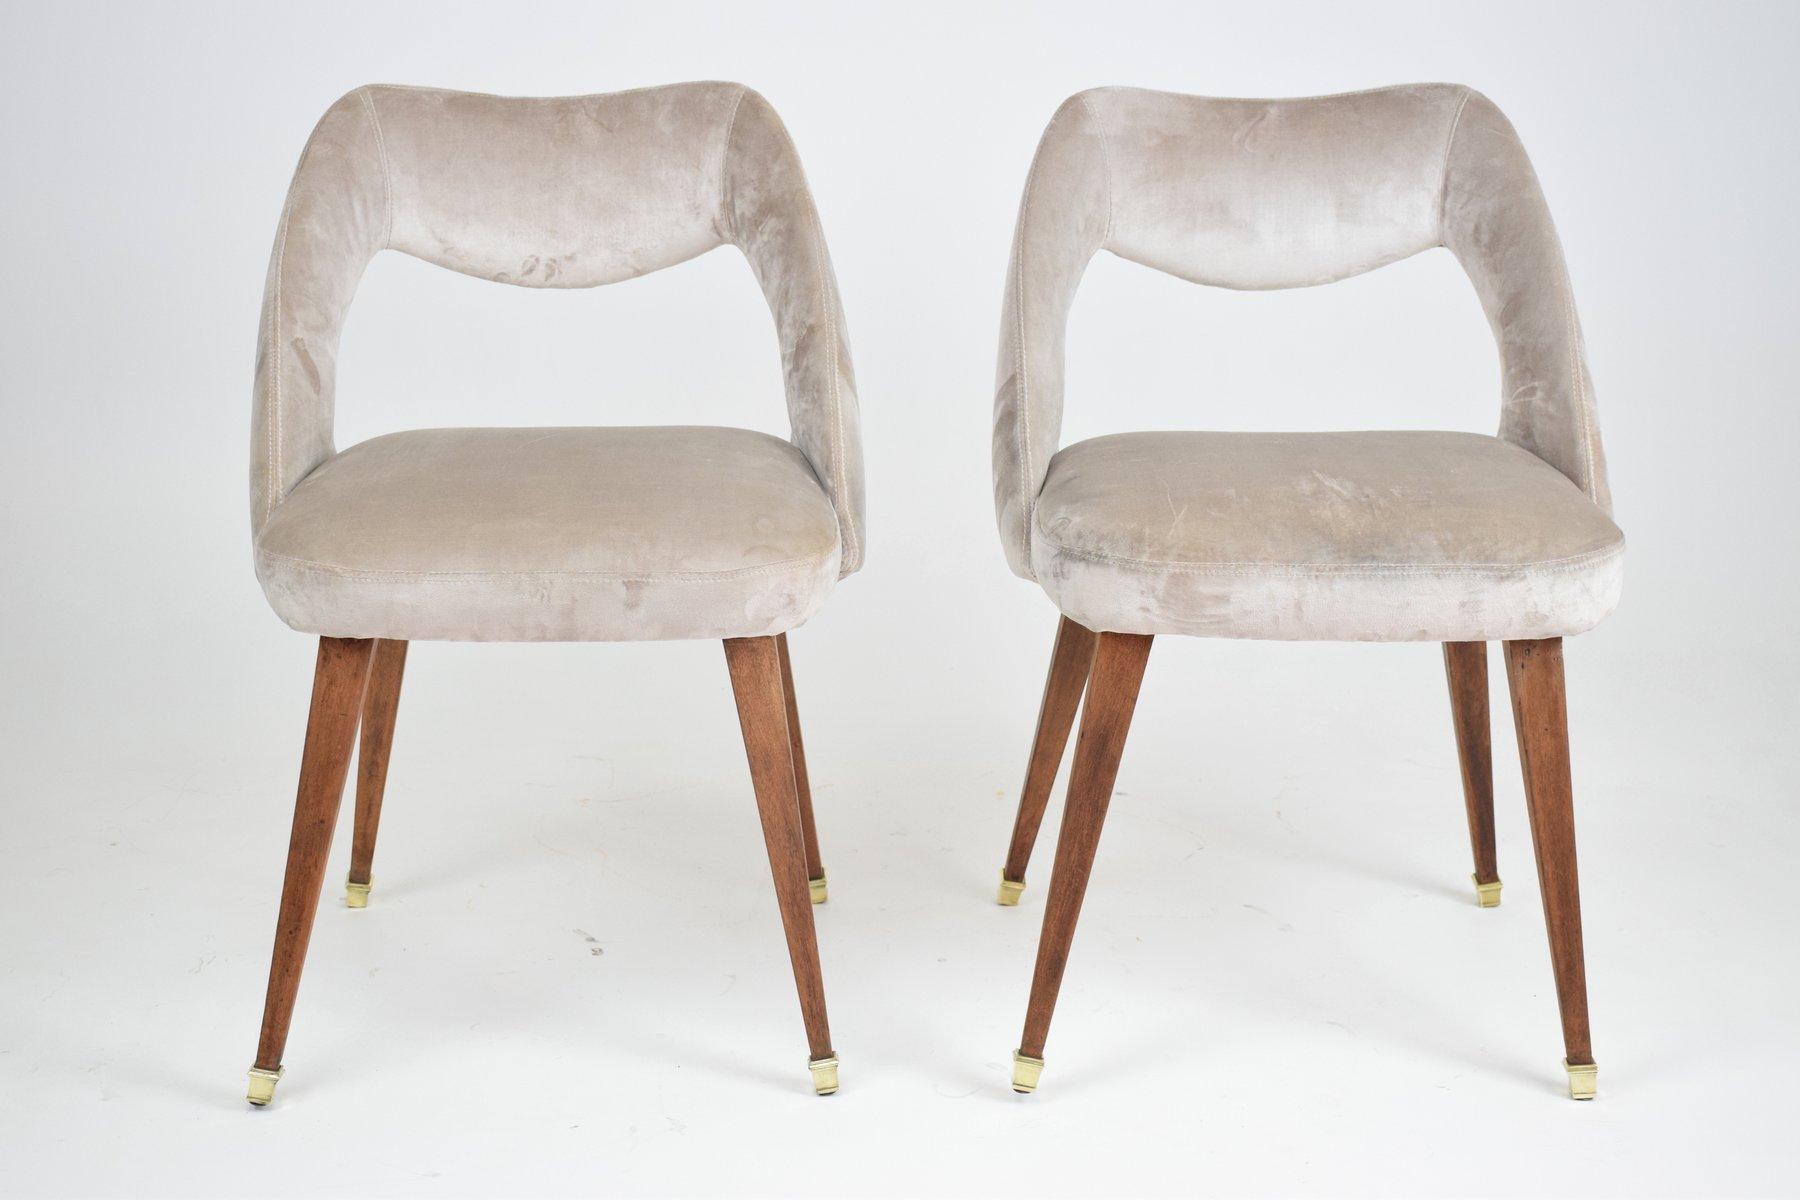 Sedia in velluto anni 39 70 in vendita su pamono for Sedia design anni 70